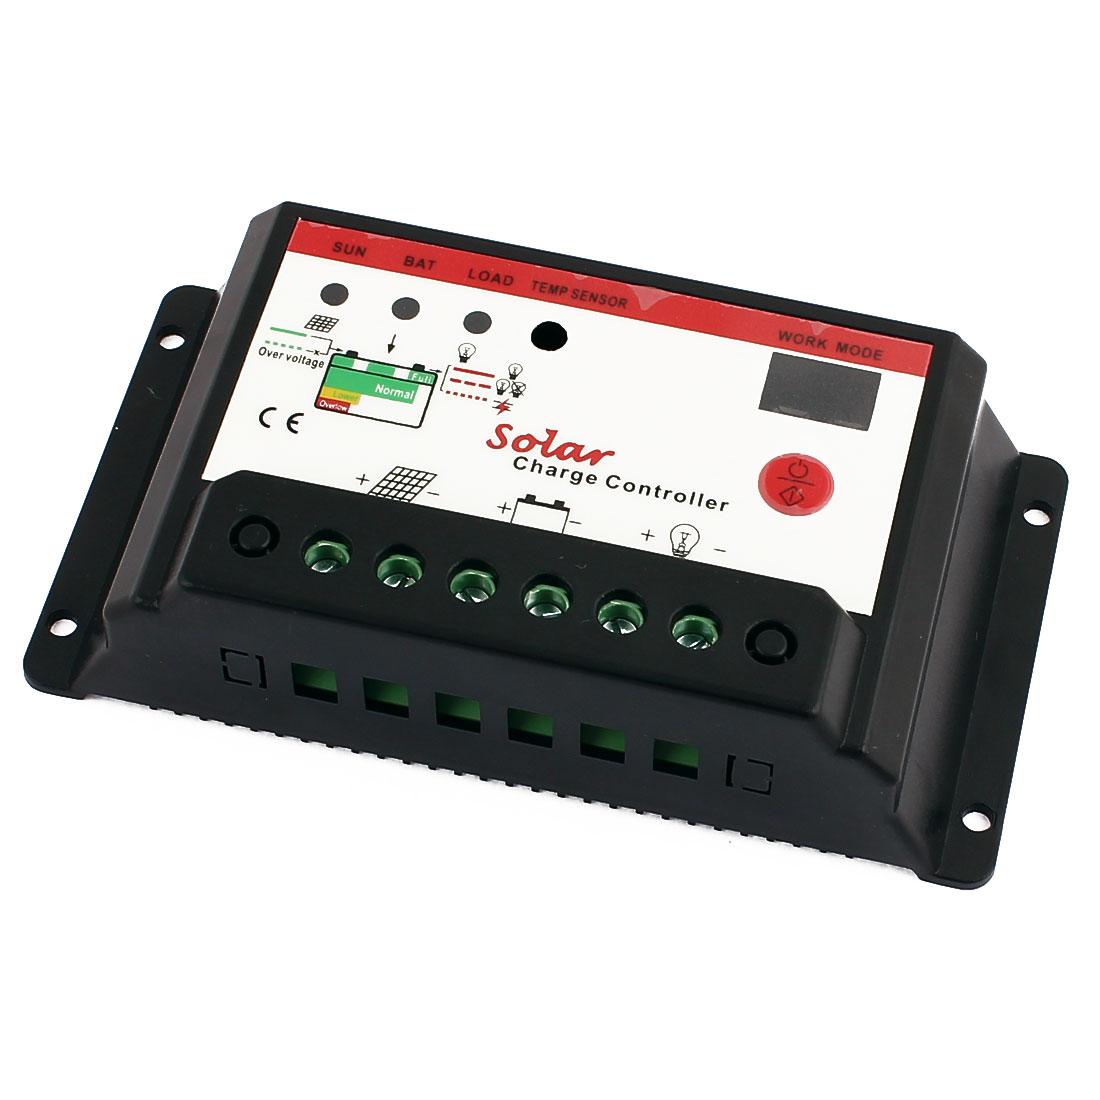 DC 12V/24V 20A Safe Protection Solar Street Lamp Panel Battery Regulator Charge Controller